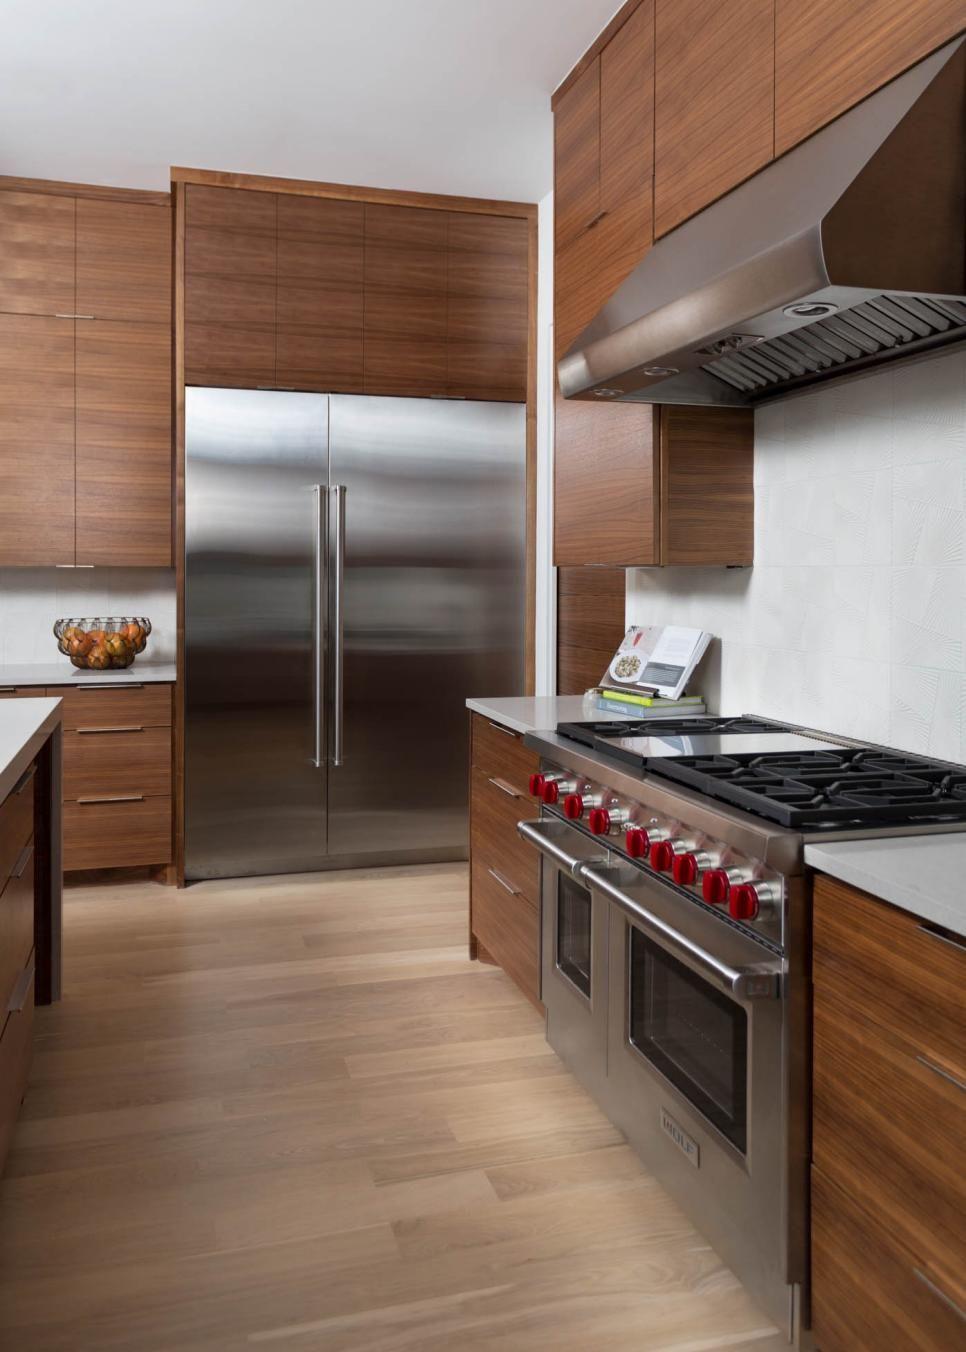 Modern Kitchen With Flat Front Walnut Cabinets And Stainless Steel Appliances Modern Walnut Kitchen Kitchen